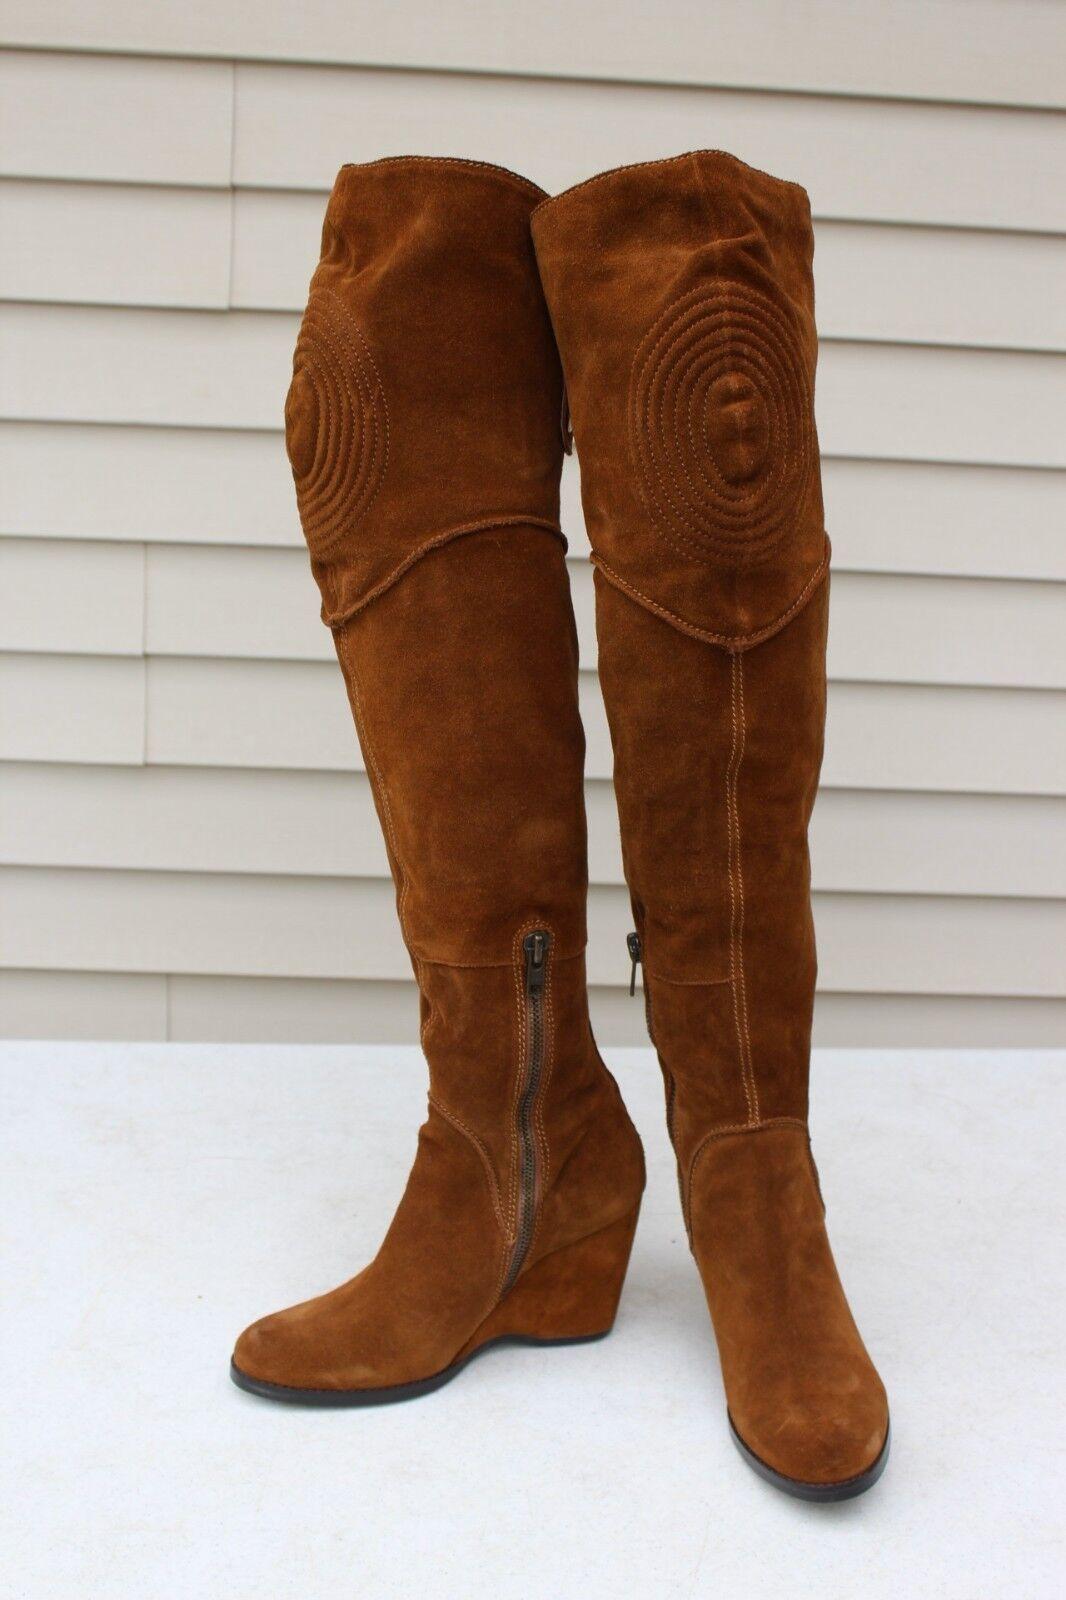 APEPAZZA Amsterdam Gamuza Marrón Moda para mujer sobre la rodilla alta botas talla 8.5 Usado En Excelente Condición